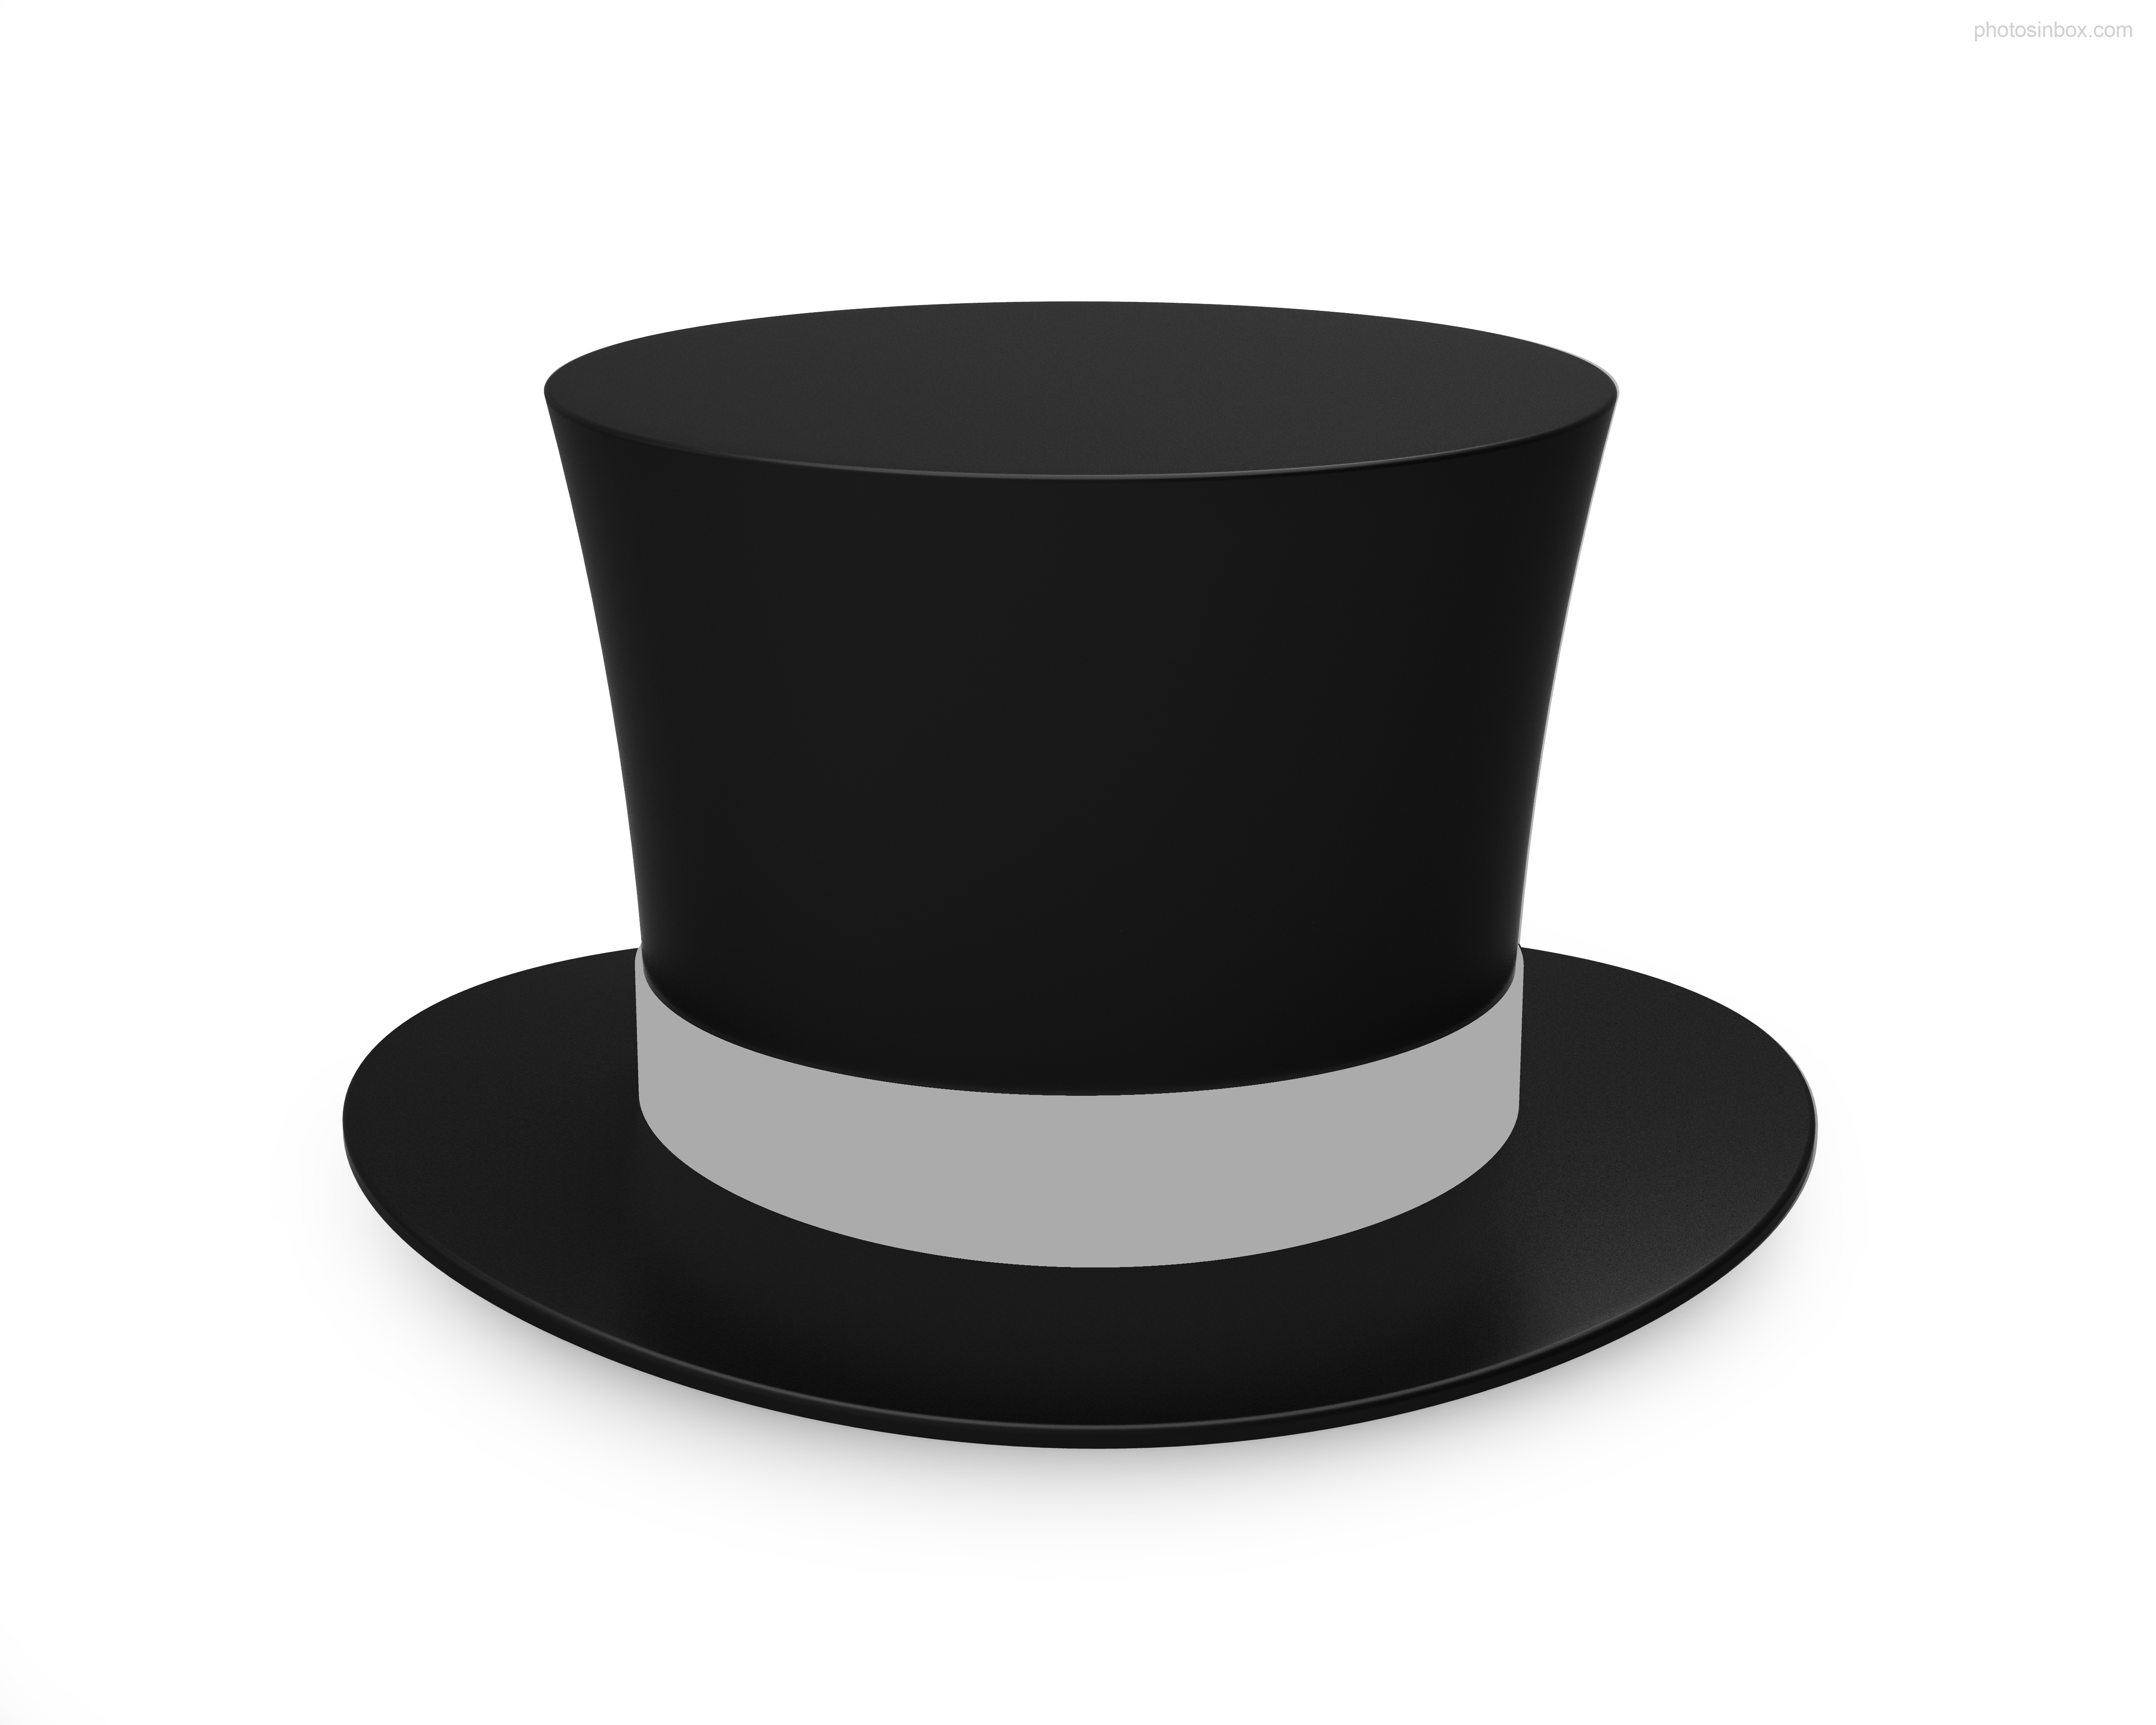 51+ Top Hat Clip Art.